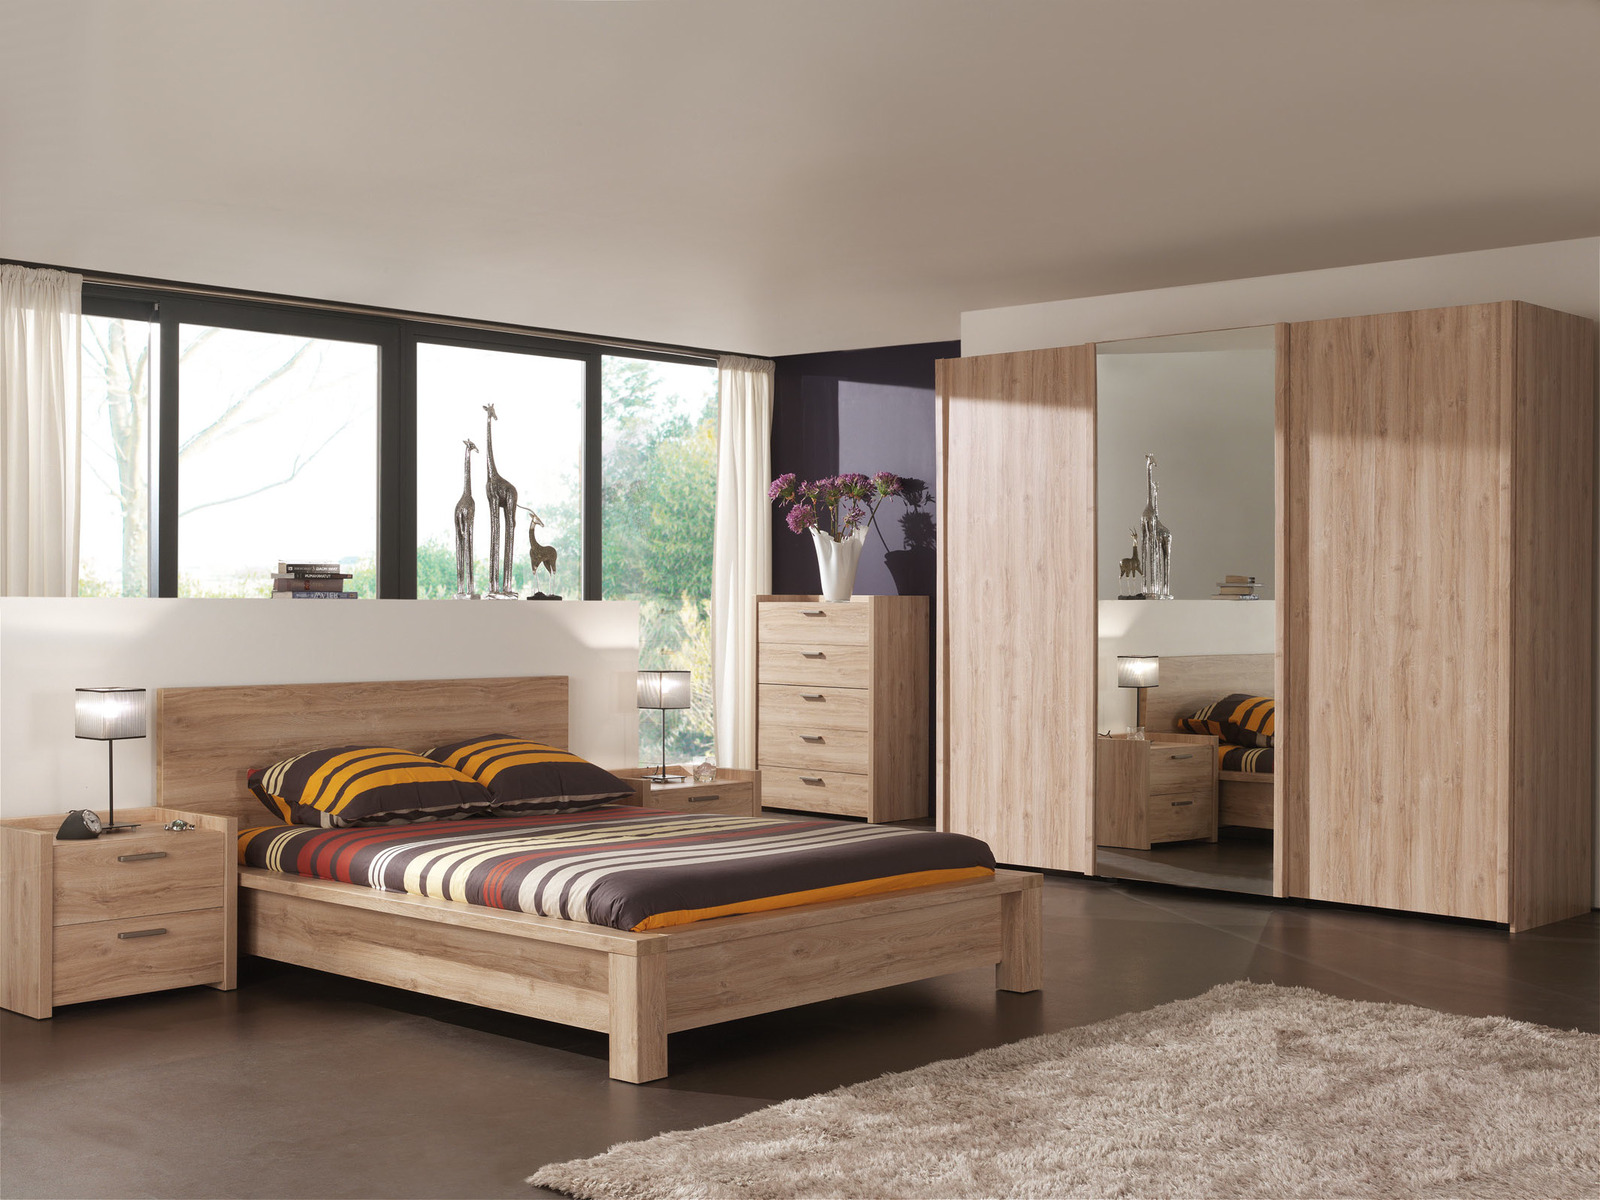 Meuble chambre coucher mobilier design d coration d for Meuble chambre moderne